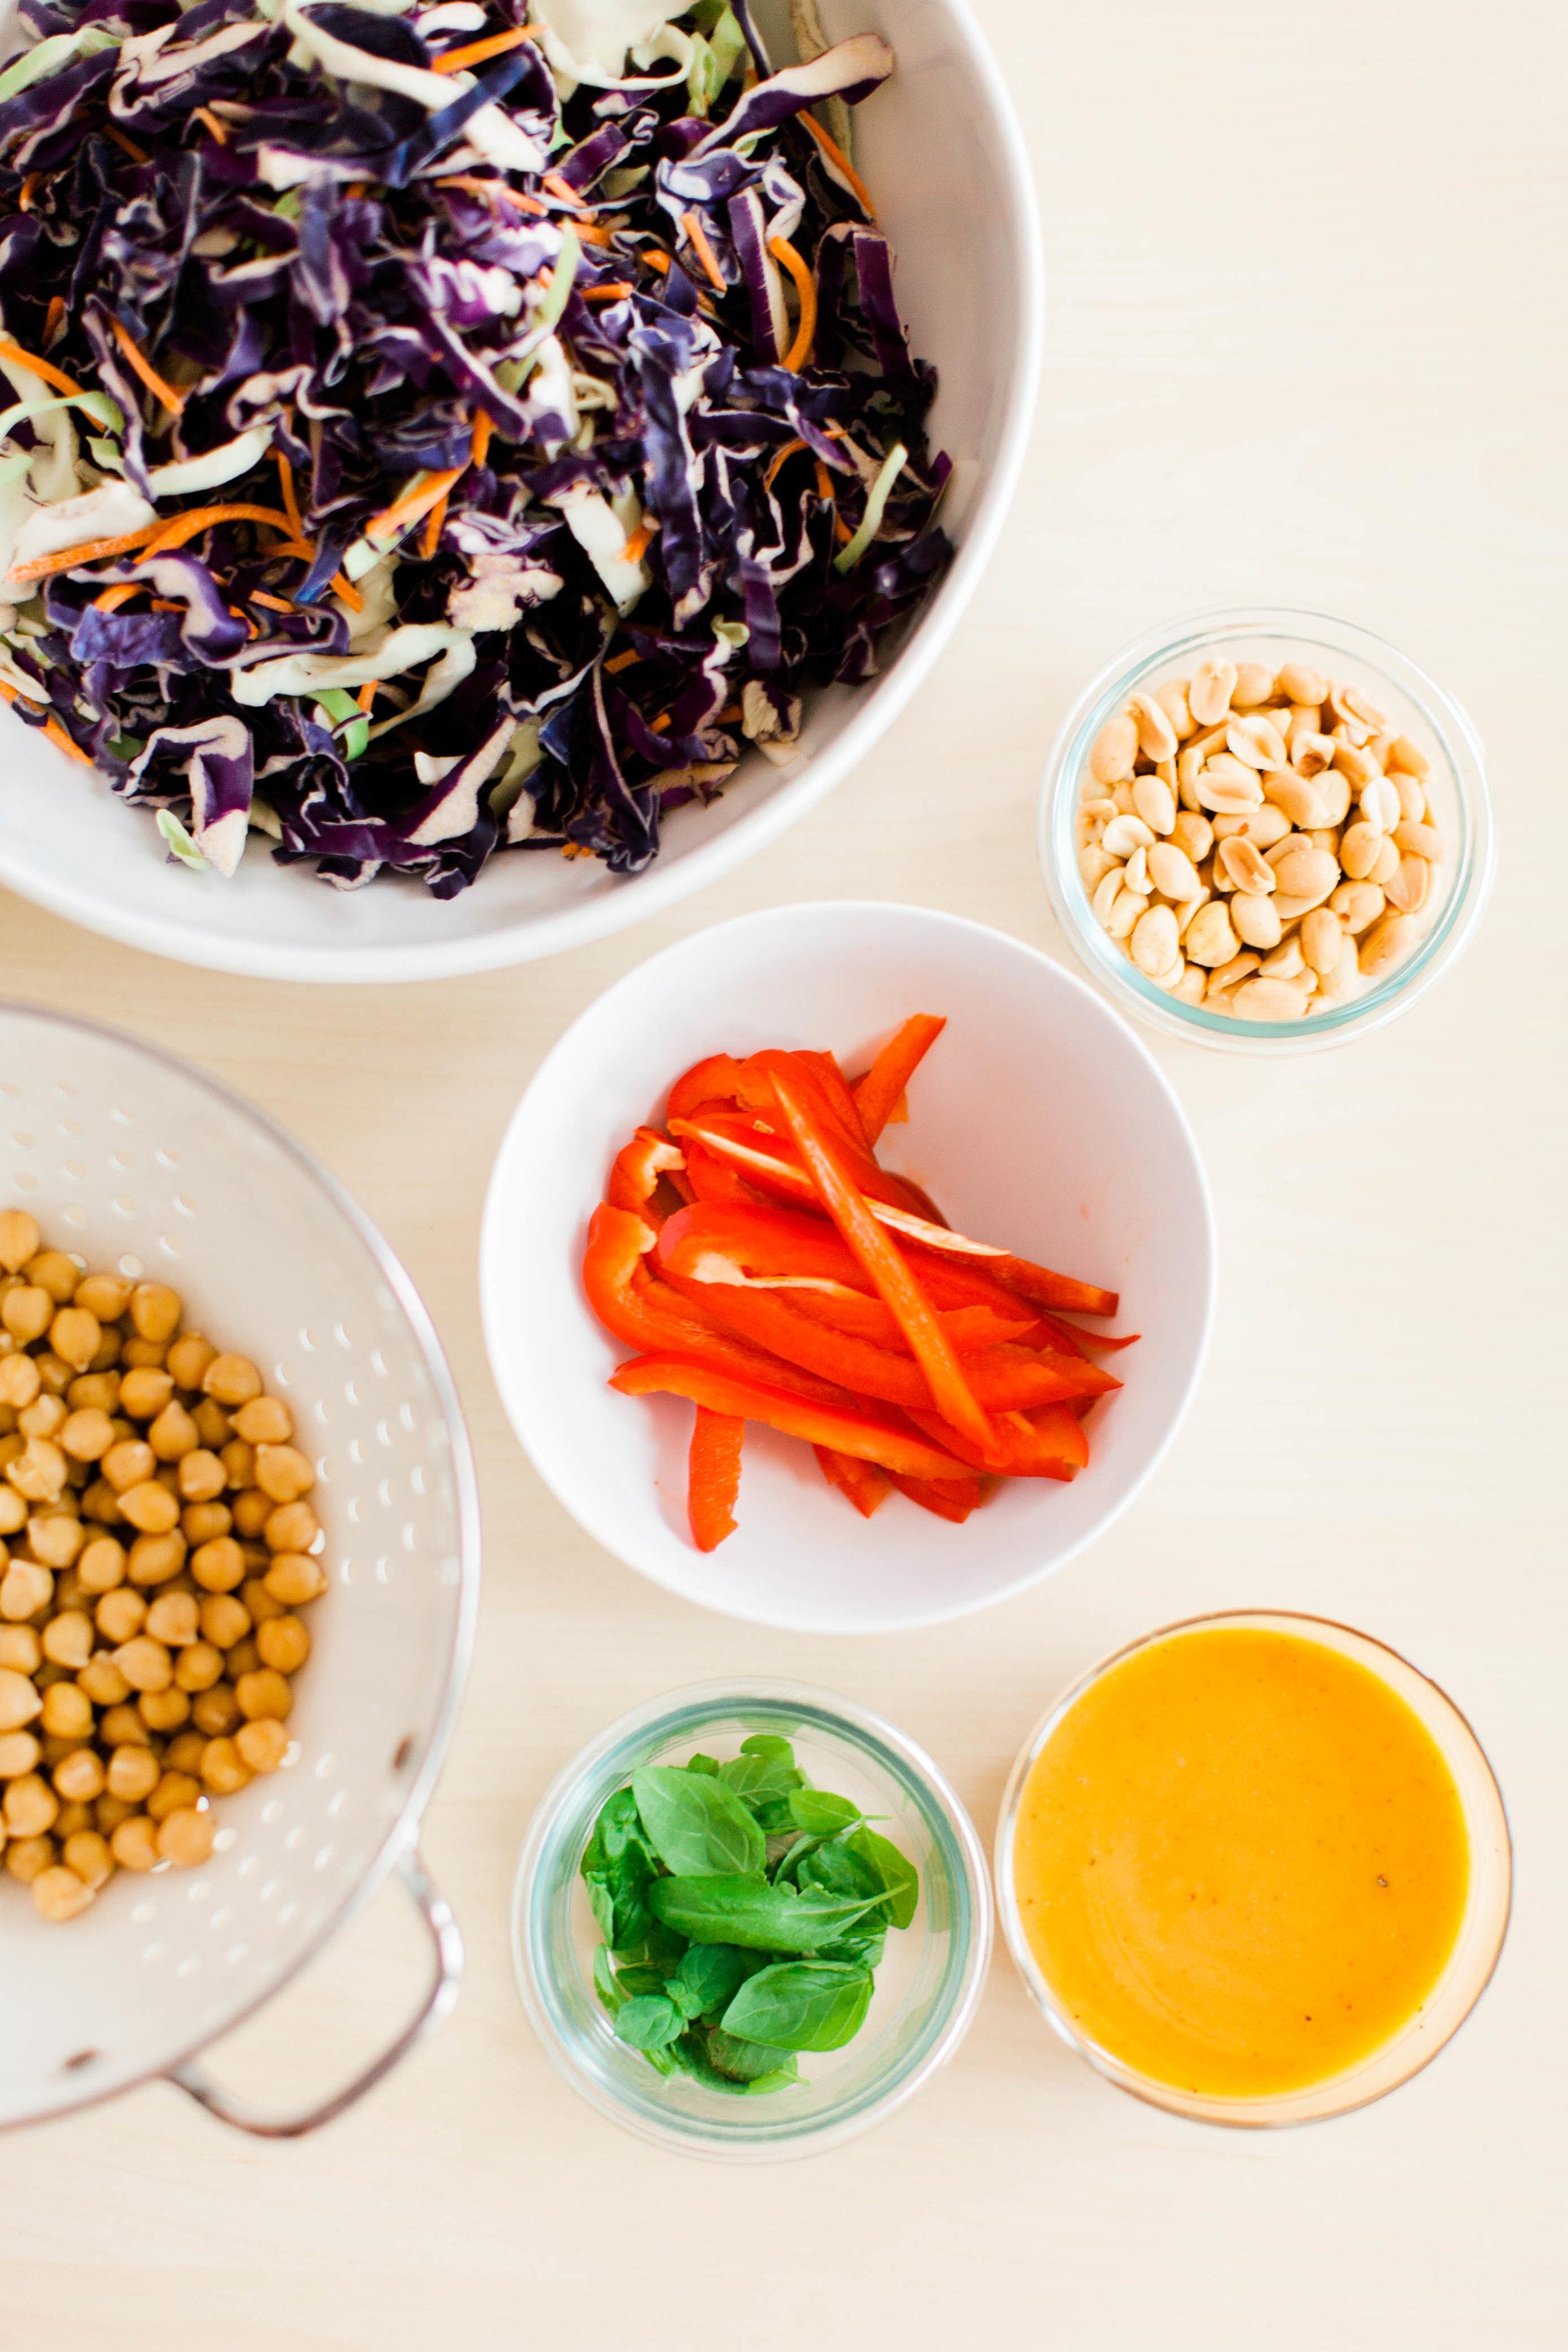 jennahazelphotography-thai-peanut-salad-with-chickpeas-0674.jpg